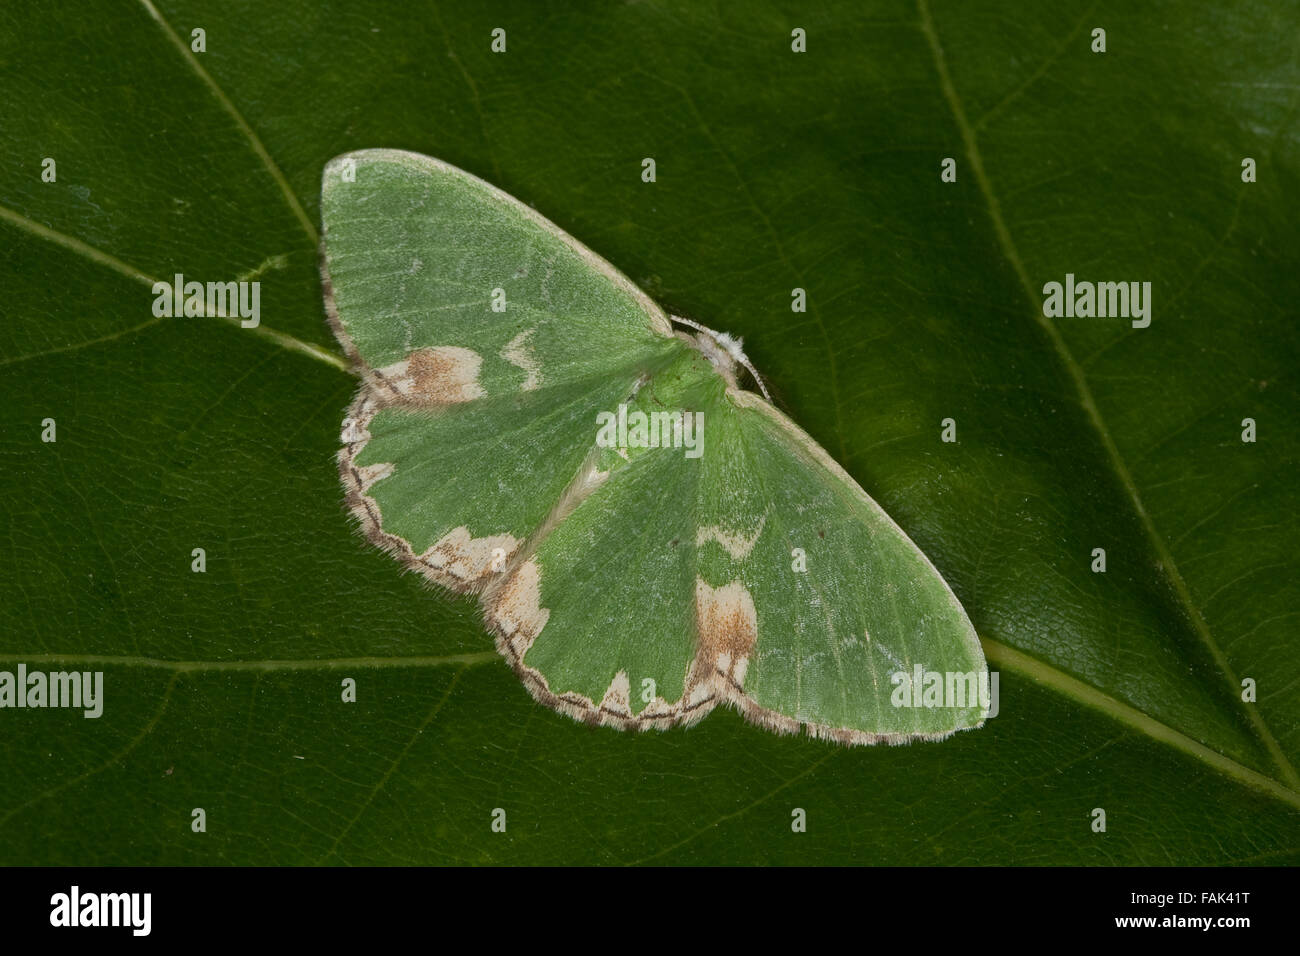 Blotched emerald, Pustelspanner, Eichenwald-Grünspanner, Comibaena bajularia, Comibaena pustulata, Euchloris - Stock Image